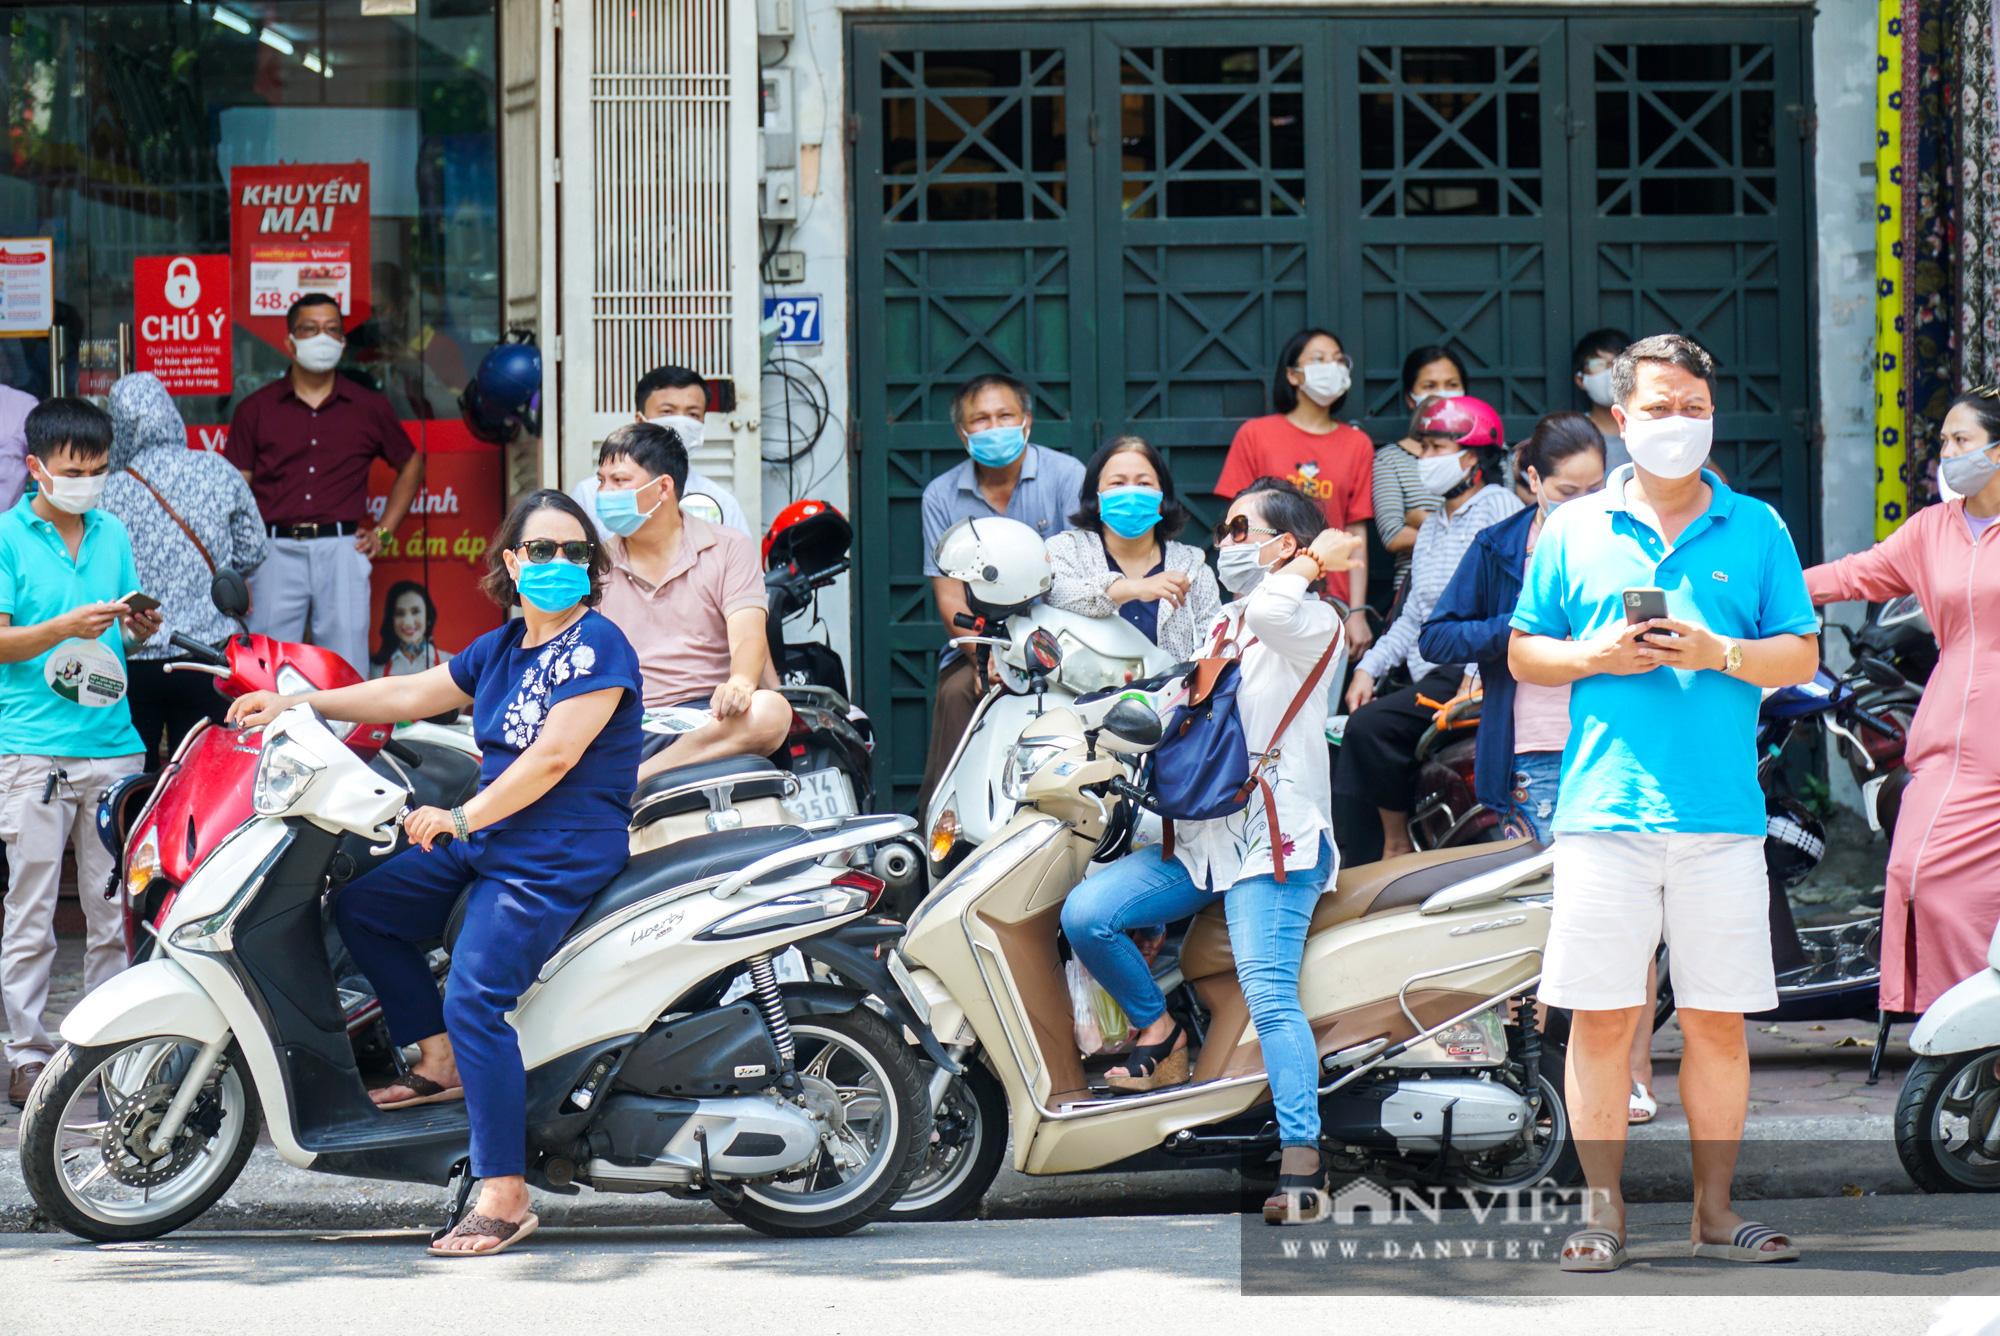 Thí sinh từ Đà Nẵng trở về cảm thấy thoải mái khi thi 1 mình một phòng - Ảnh 8.